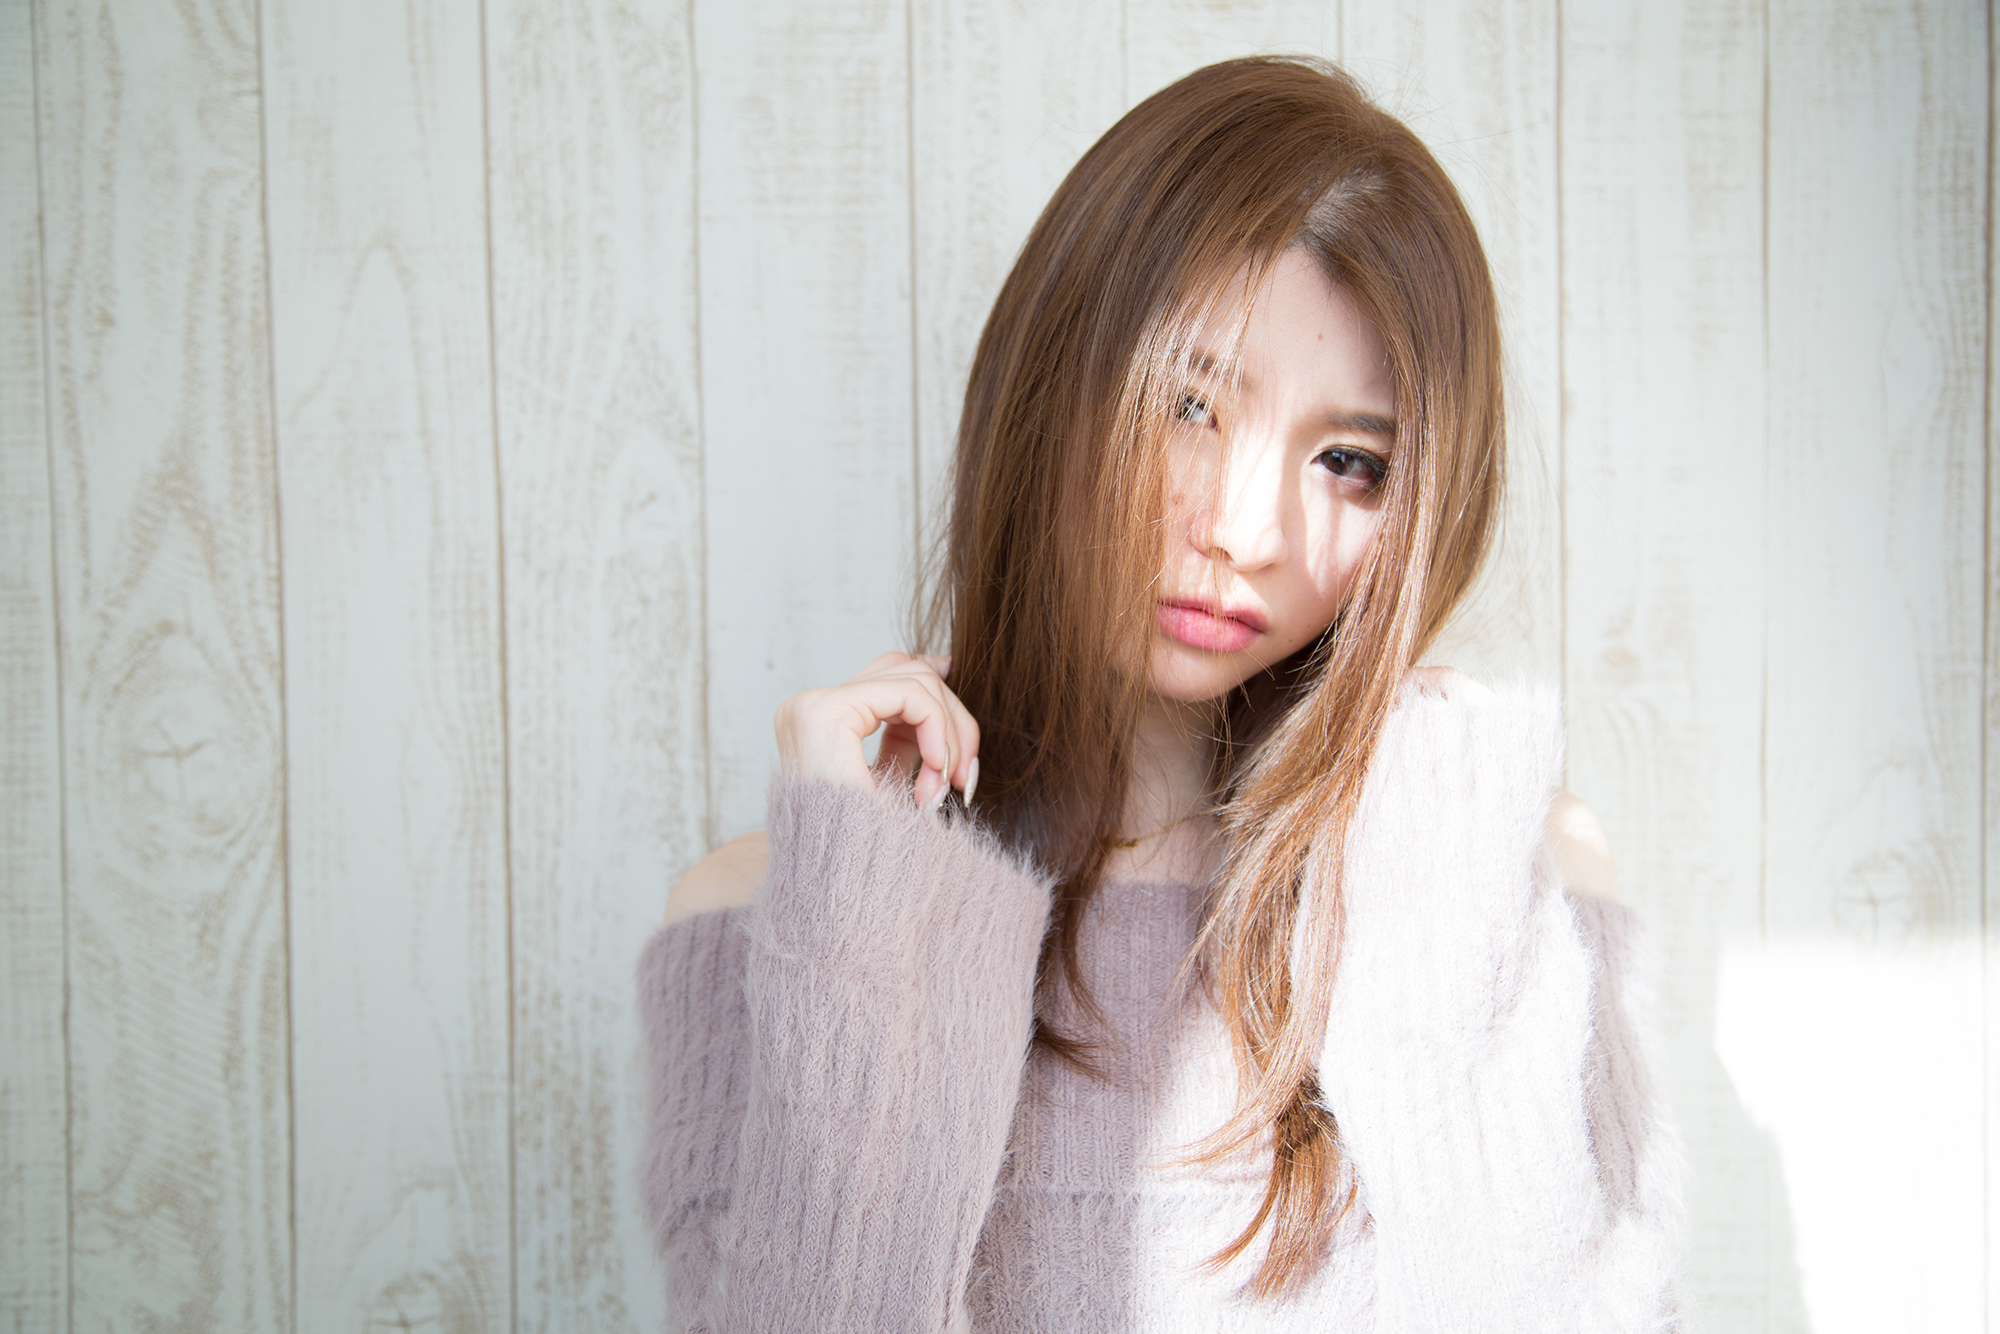 【広がり美髪の専門家【haircare planner】/入江直樹のblog/福岡市南区大橋の美容室Tiara(ティアラ)